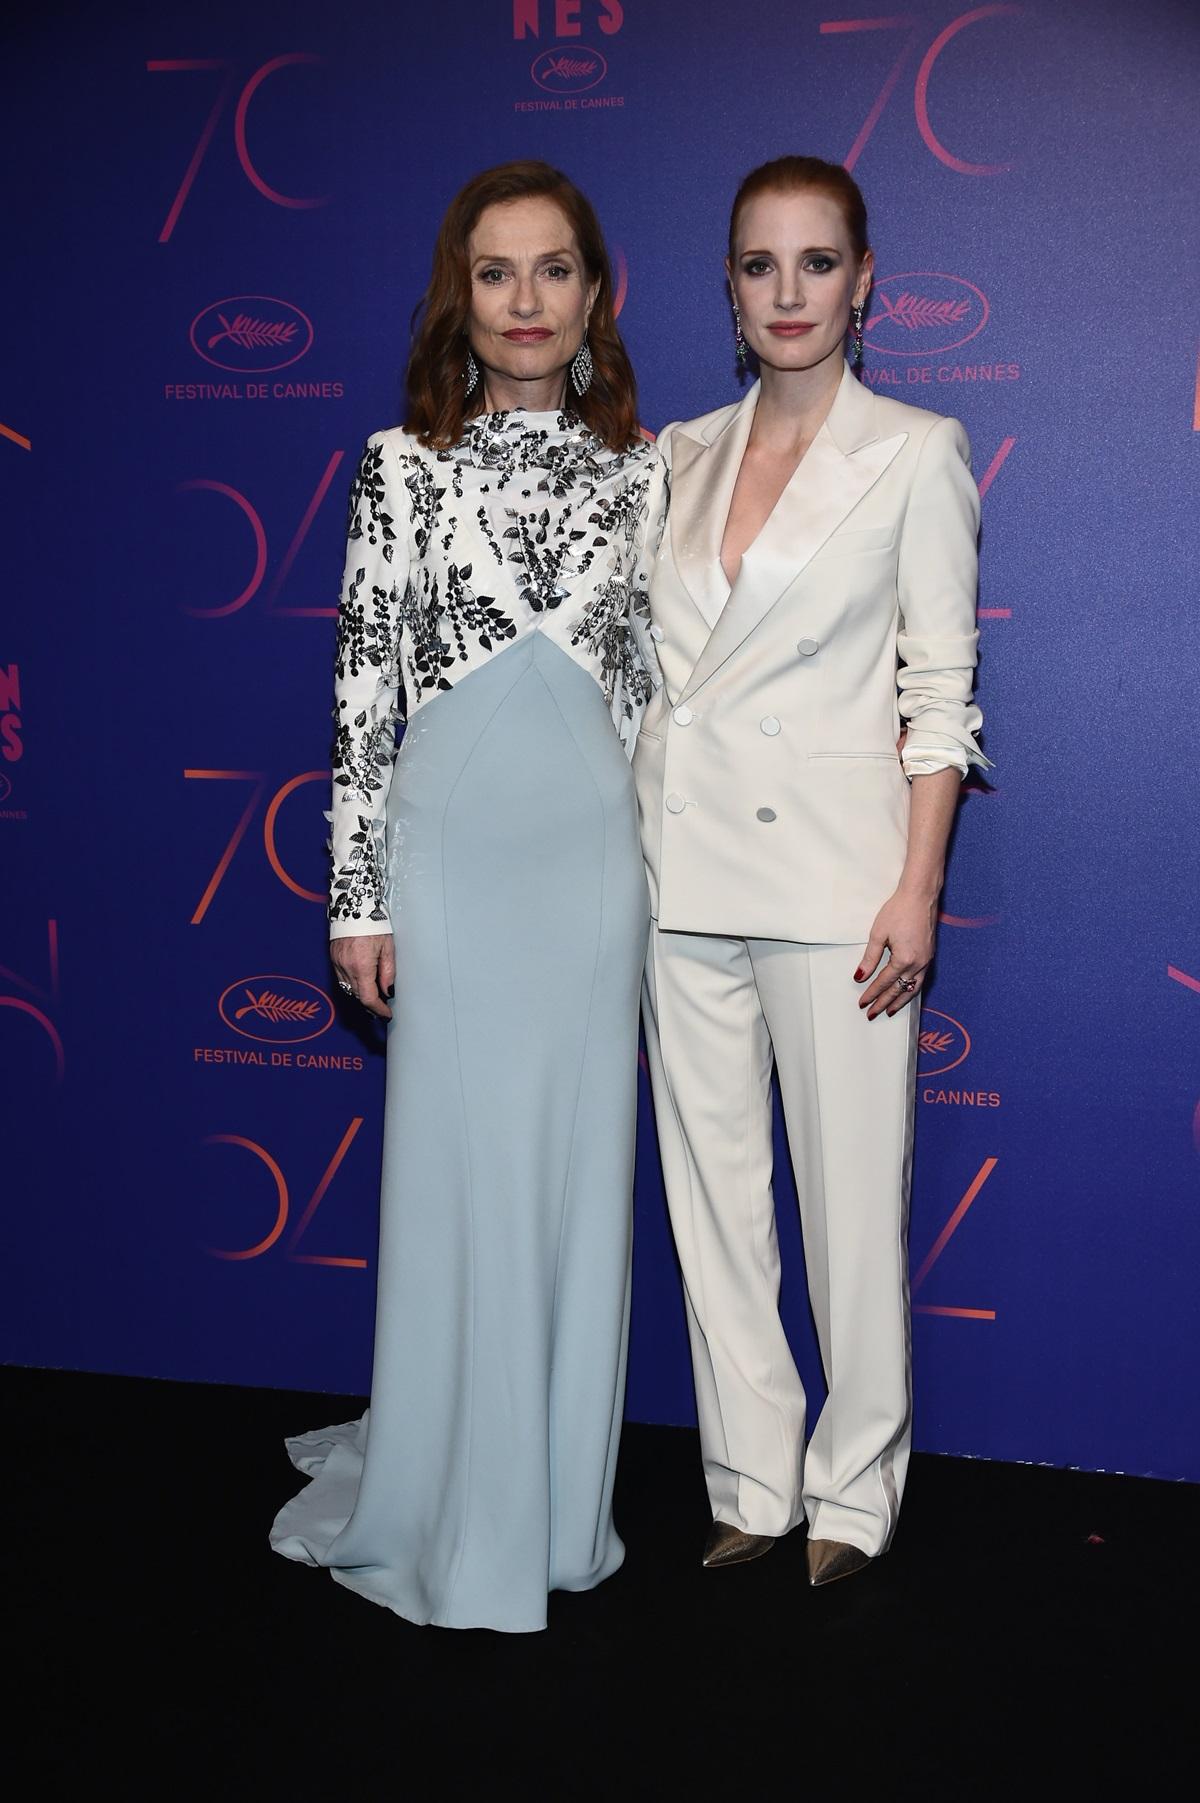 Tras la alfombra roja, llega la fiesta, Cannes celebra su ...